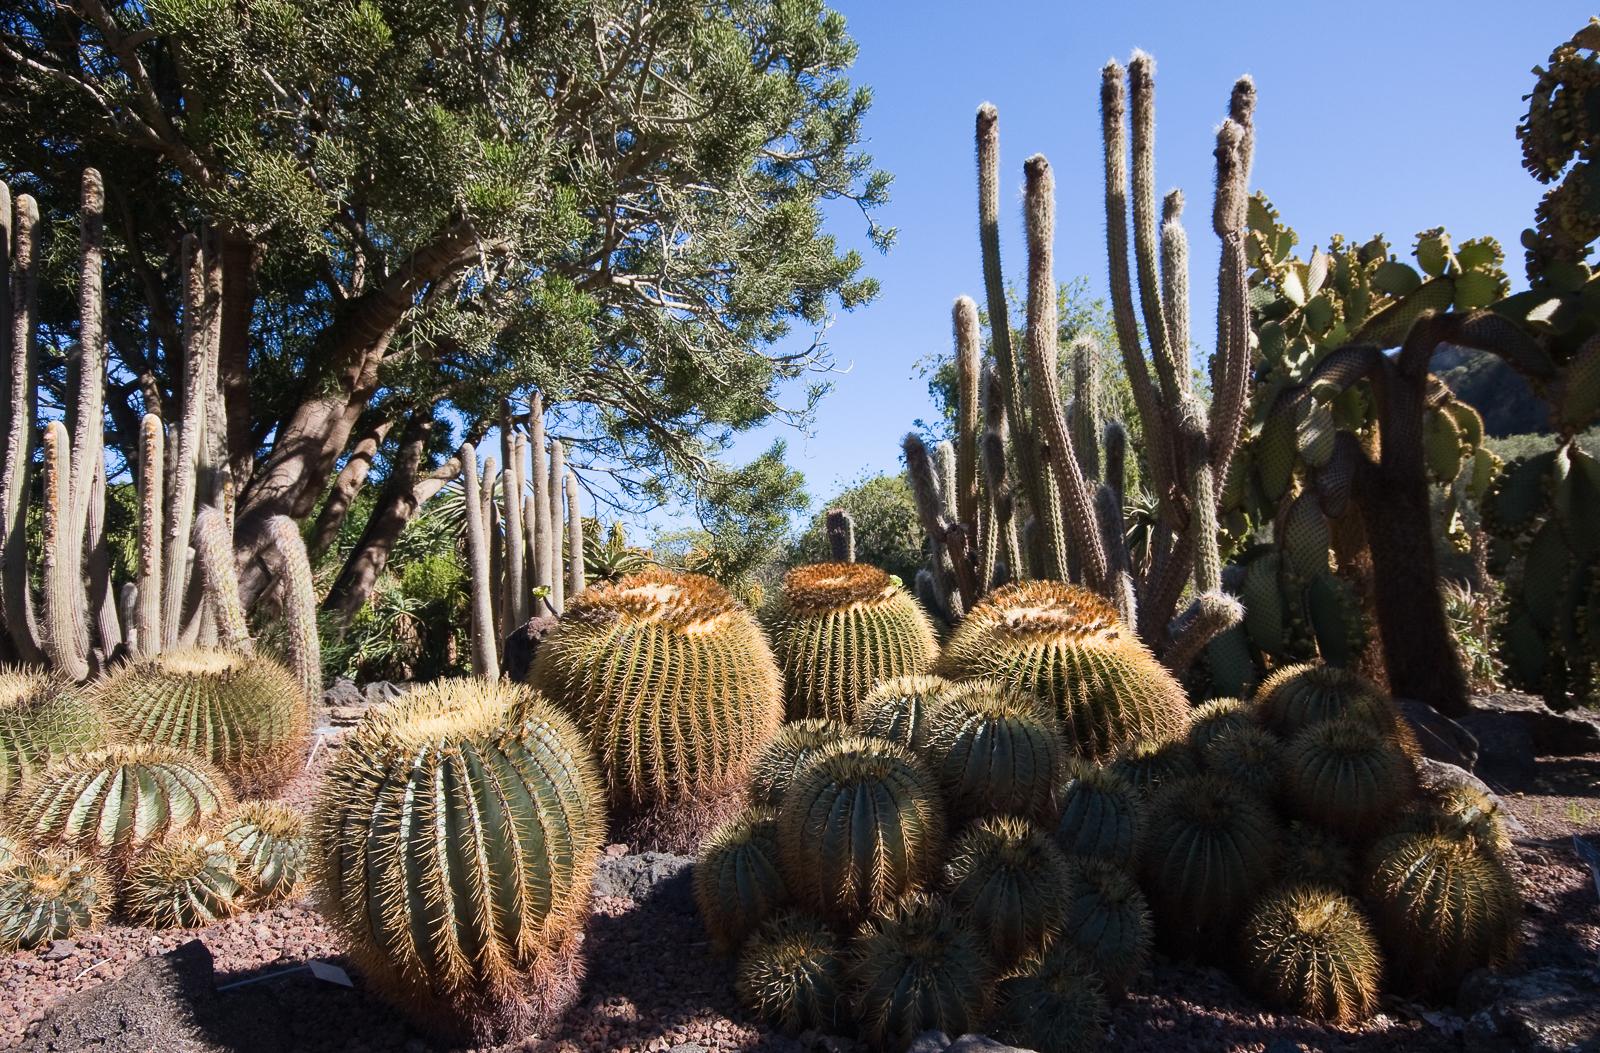 Jard n bot nico canario viera y clavijo isla de gran canaria - Jardin botanico las palmas ...